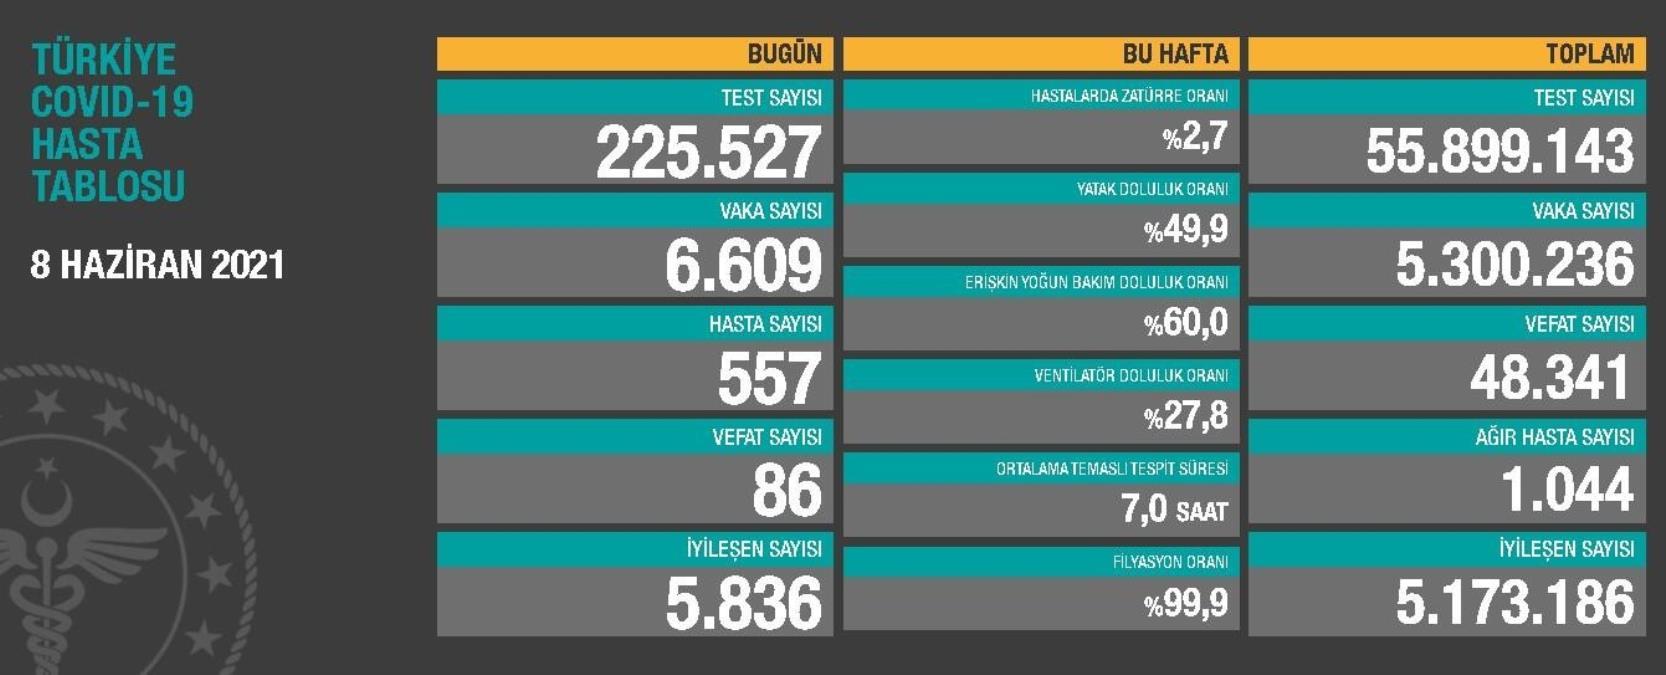 Son dakika haberi… Türkiye nin koronavirüsle mücadelesinde son 24 saatte yaşananlar